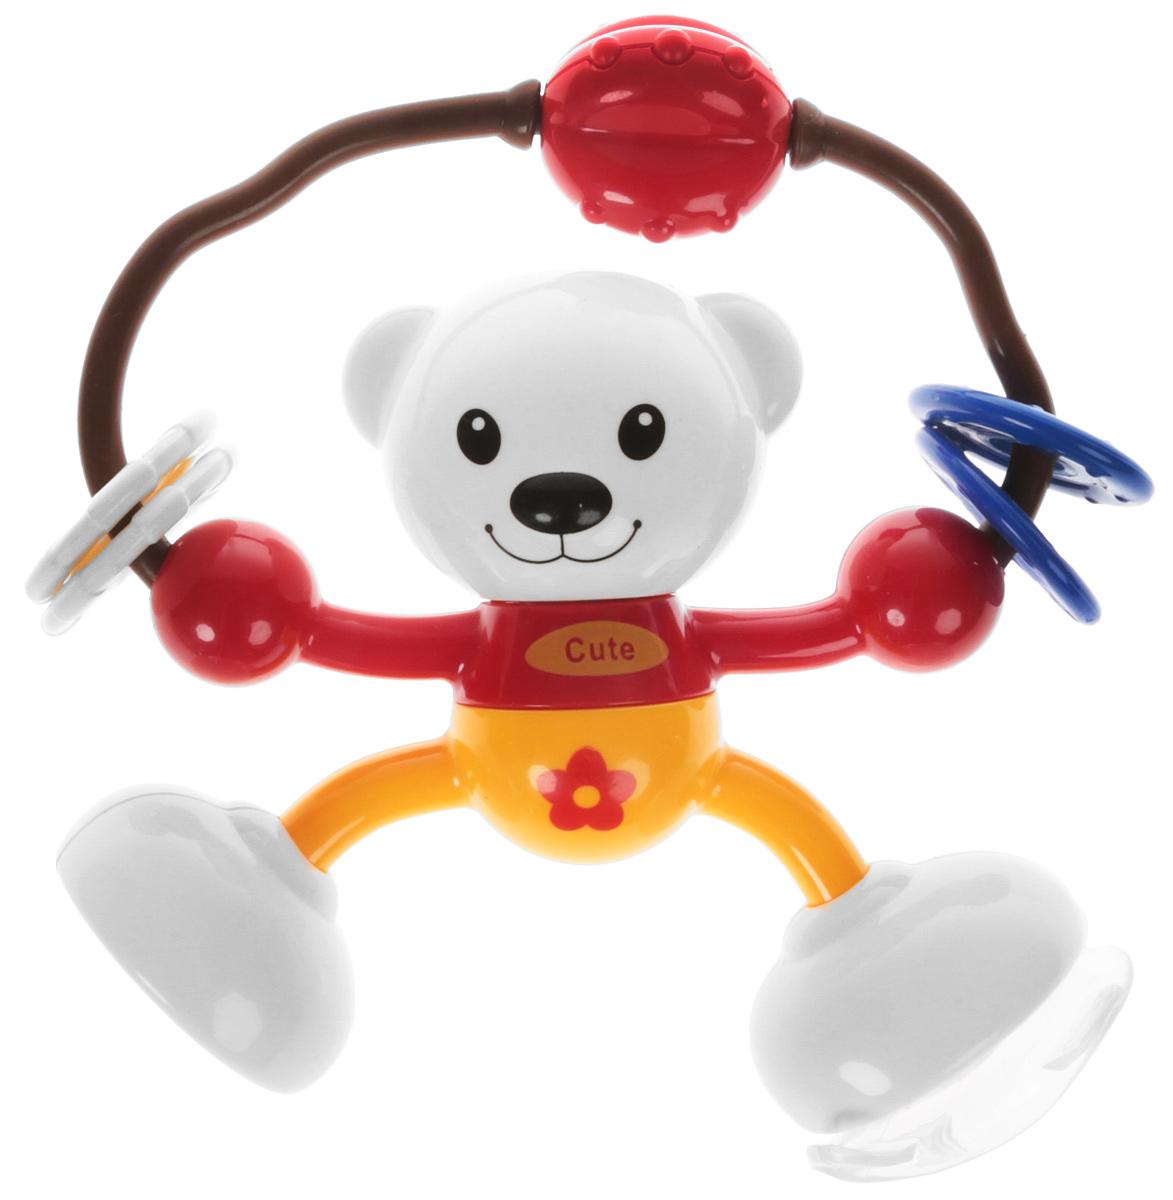 Ути-Пути Развивающая игрушка Мишка цвет красный оранжевый игрушка